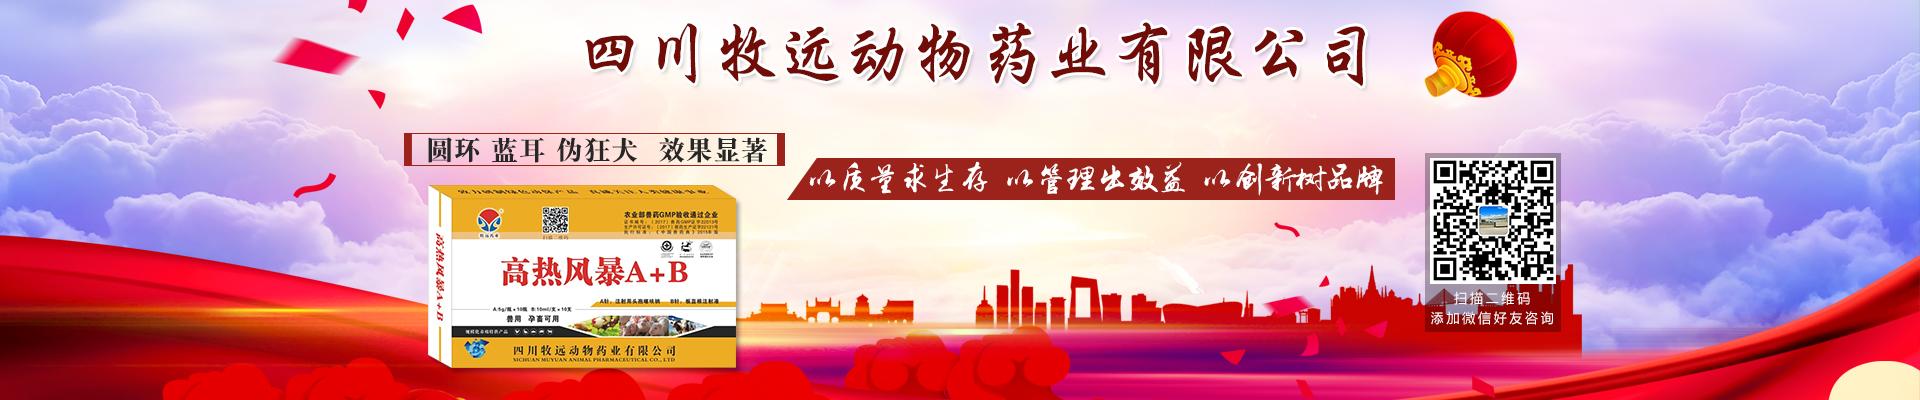 四川牧远动物药业有限公司